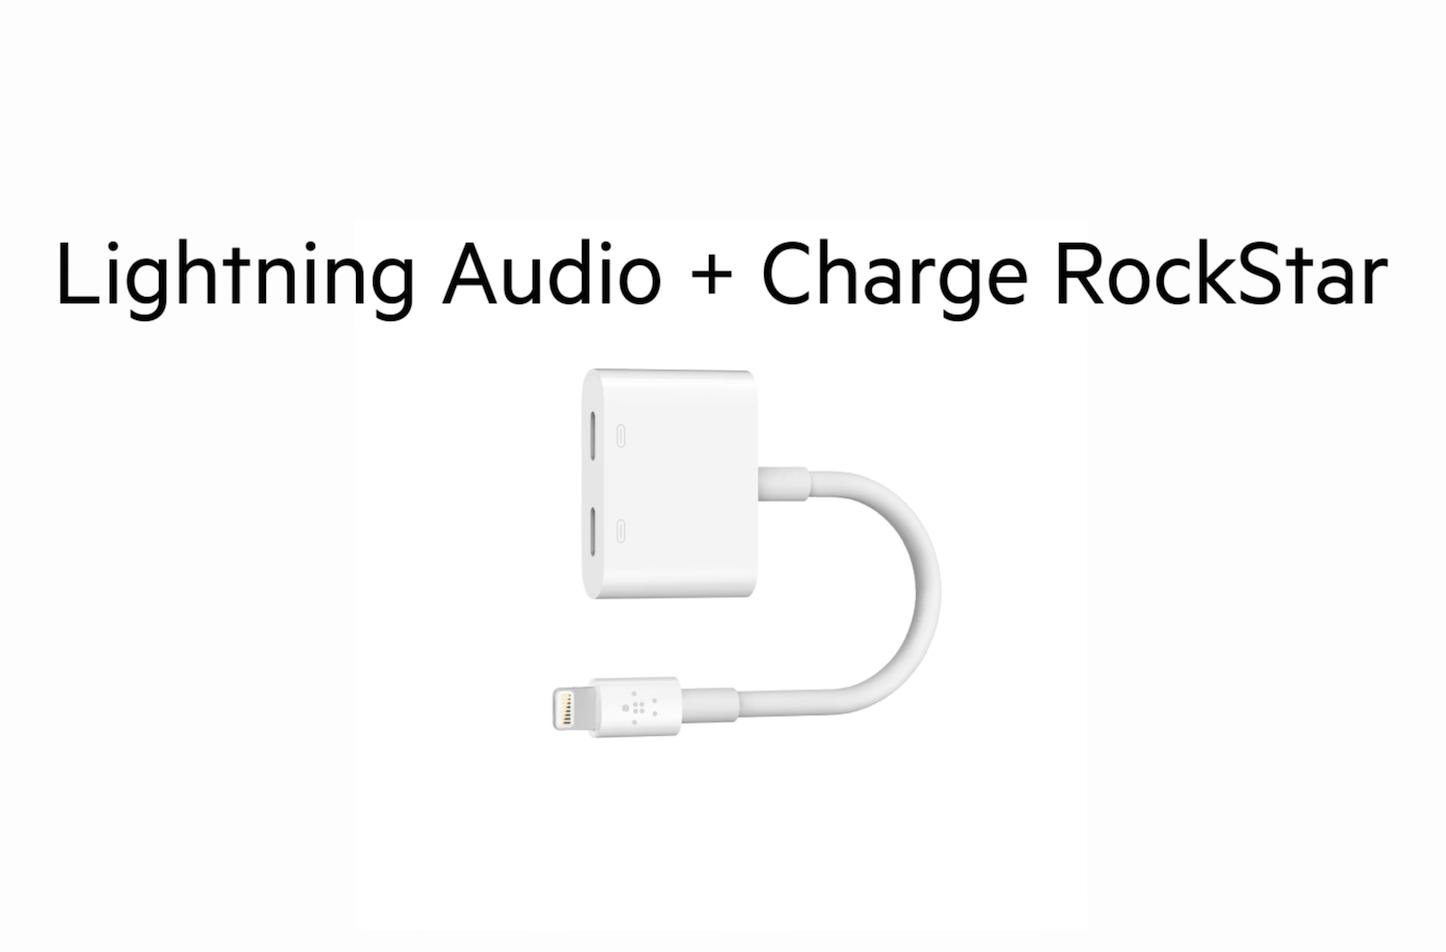 Charge RockStar from Belkin